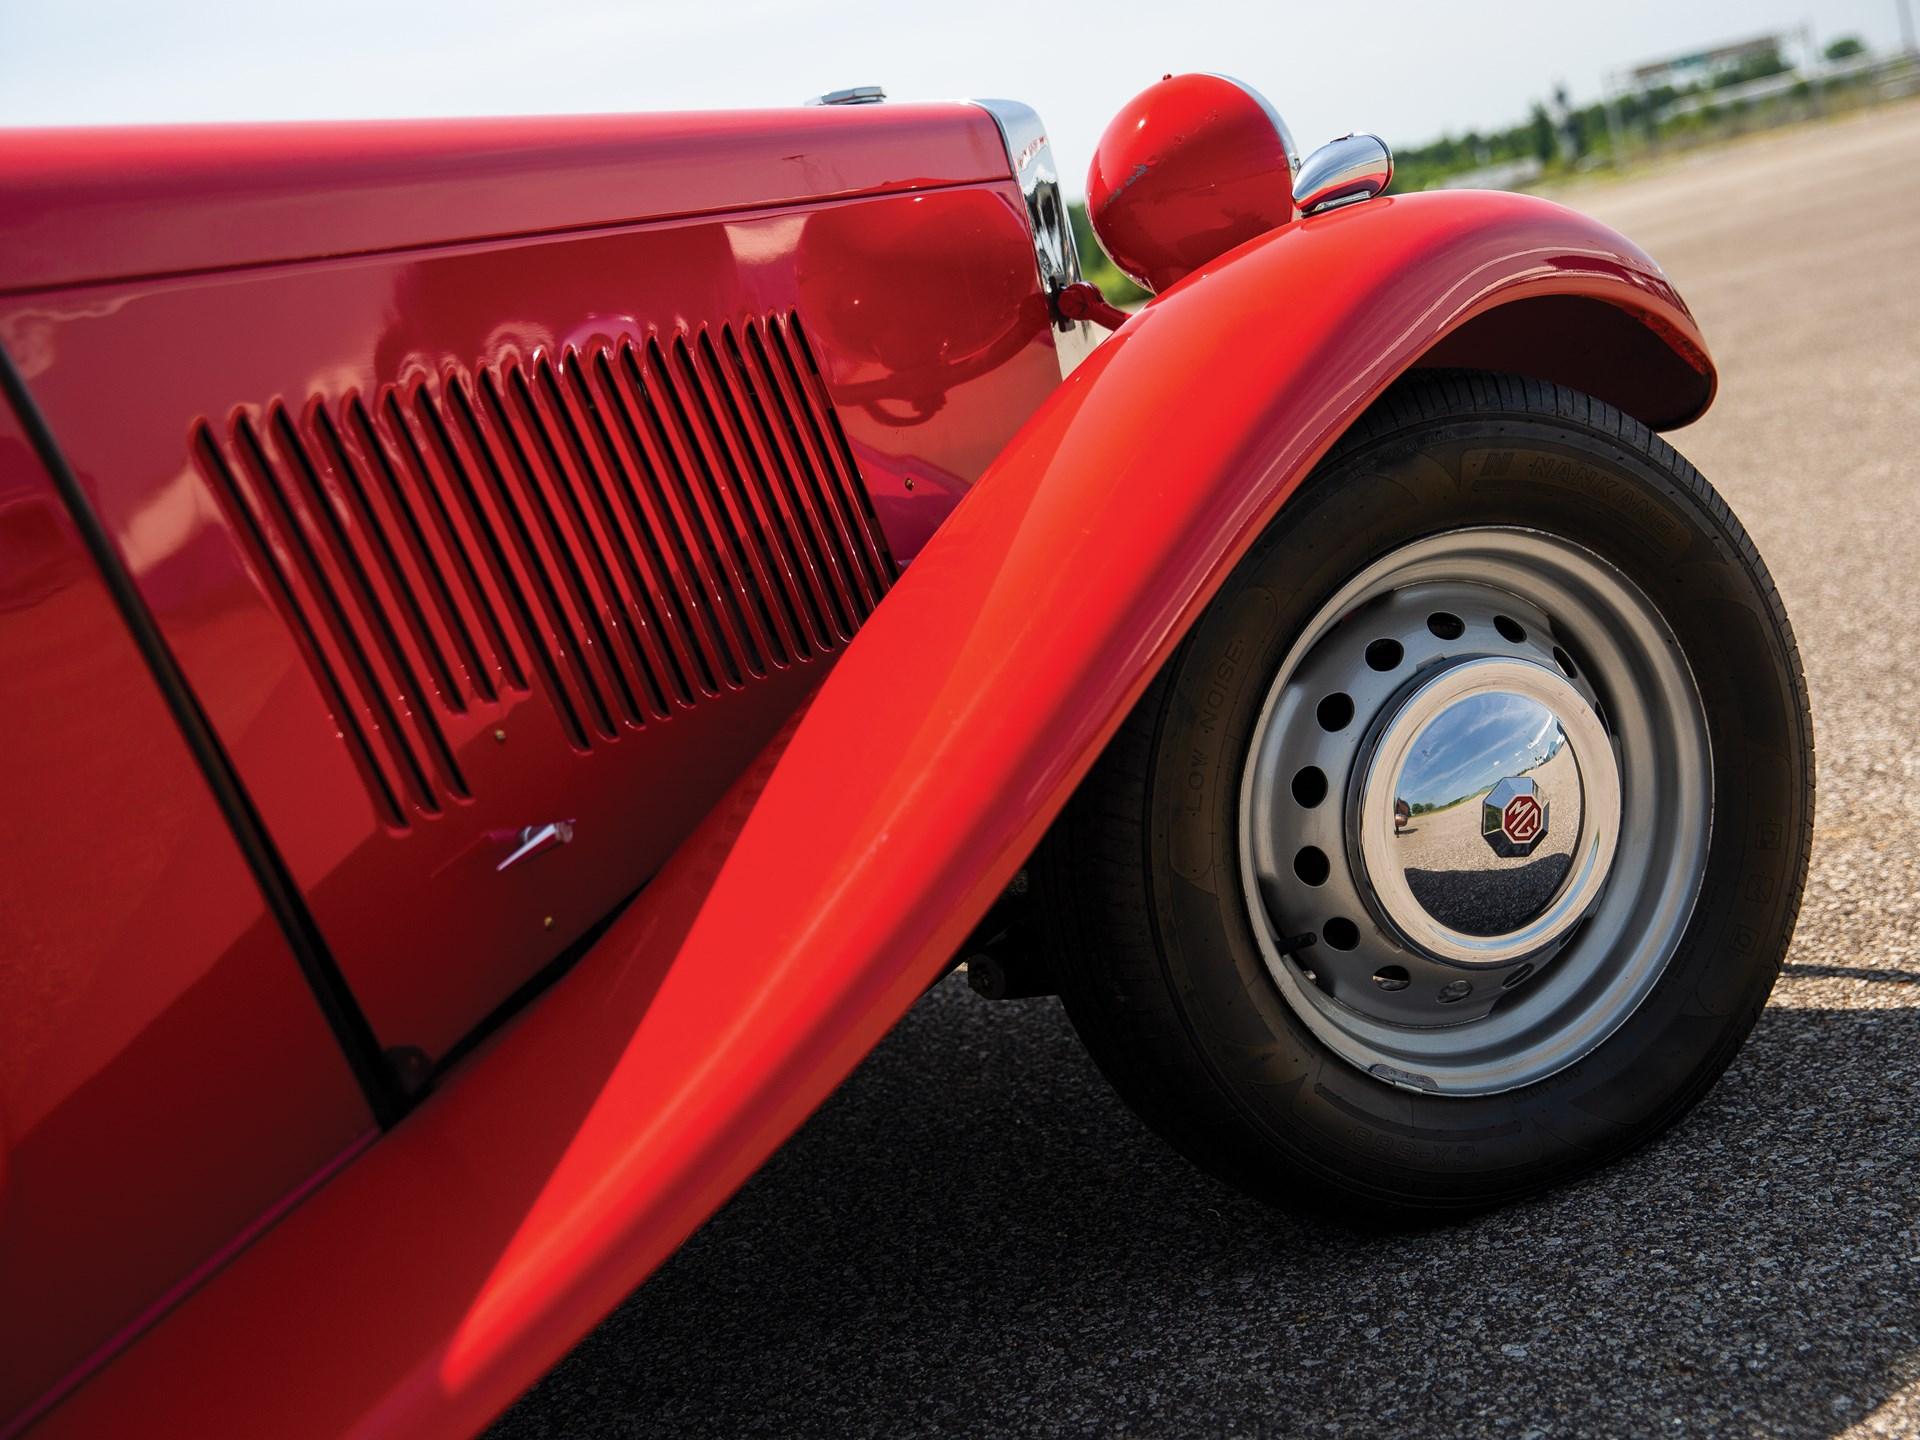 1952 MG TD front fender detail